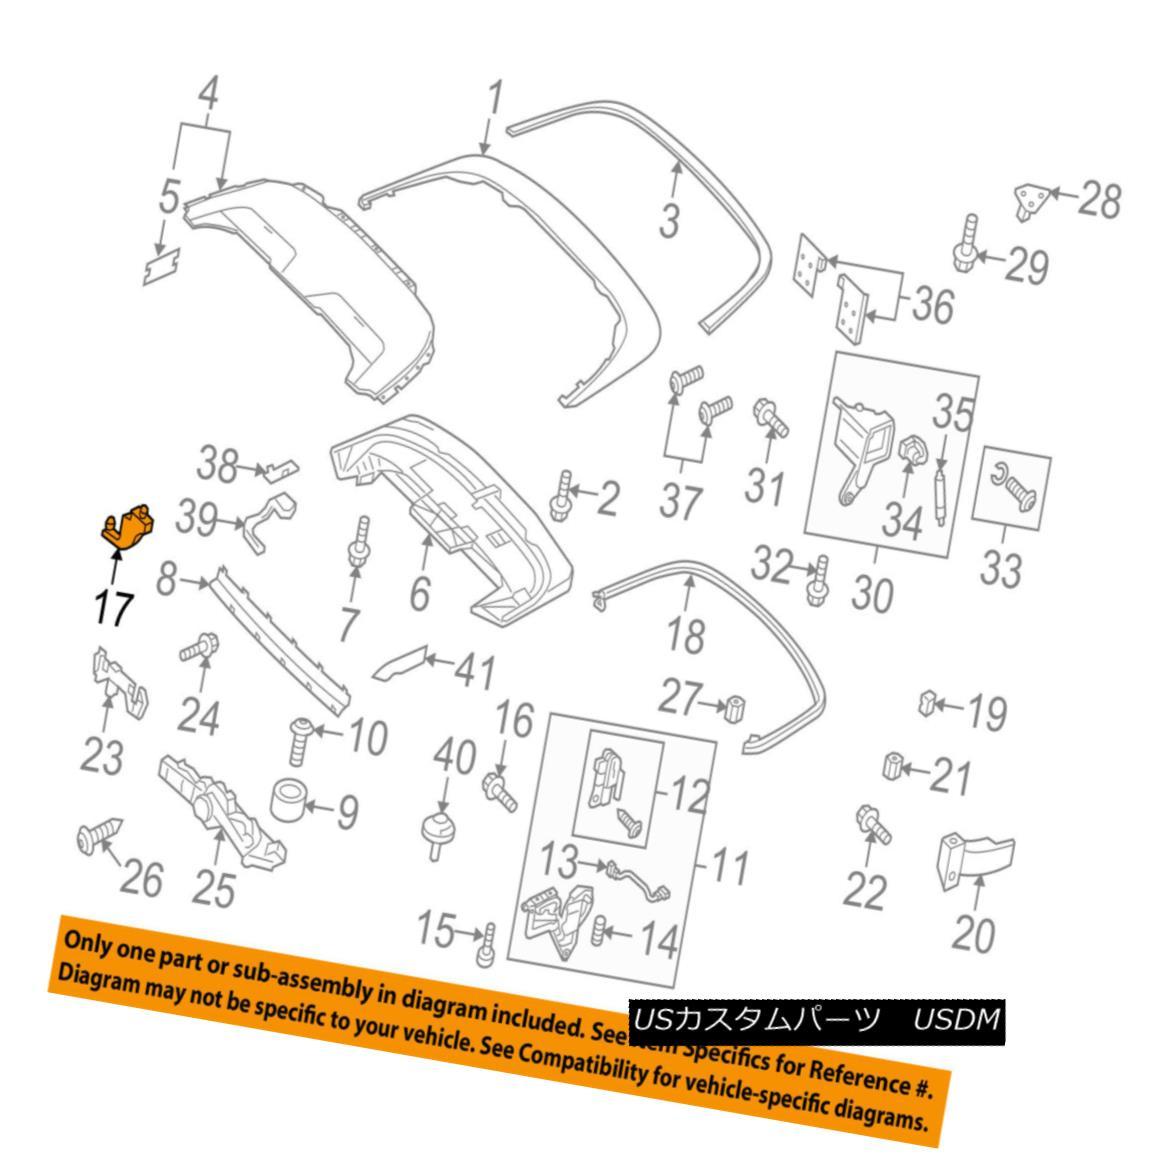 幌・ソフトトップ AUDI OEM A5 Quattro Storage Cover-Convertible/soft Top-Stop Left 8F0825563A AUDI OEM A5 Quattroストレージ・カバー・コンバーチブル/ソフトトップストップ・レフト8F0825563A